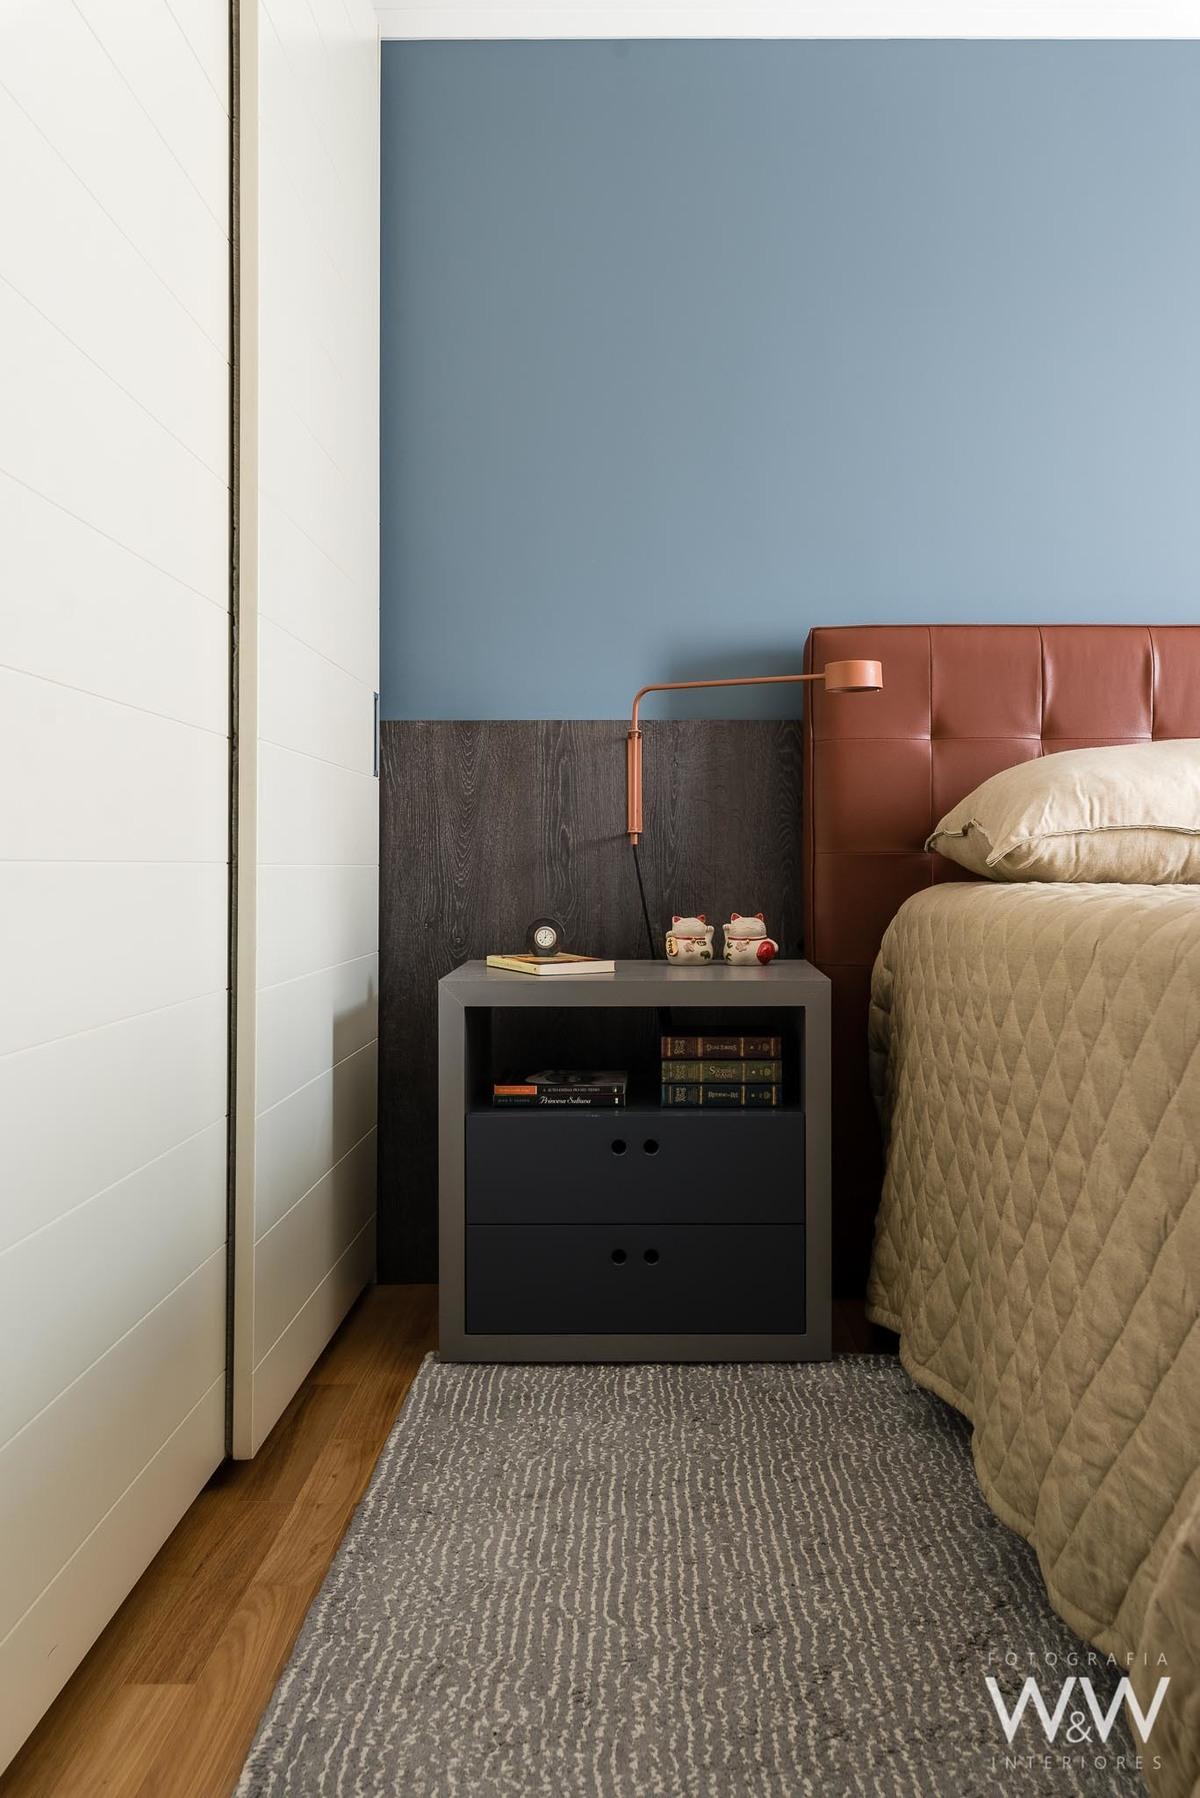 Imagem capa - Como sair do lugar comum na decoração do quarto? por Erika waldmann